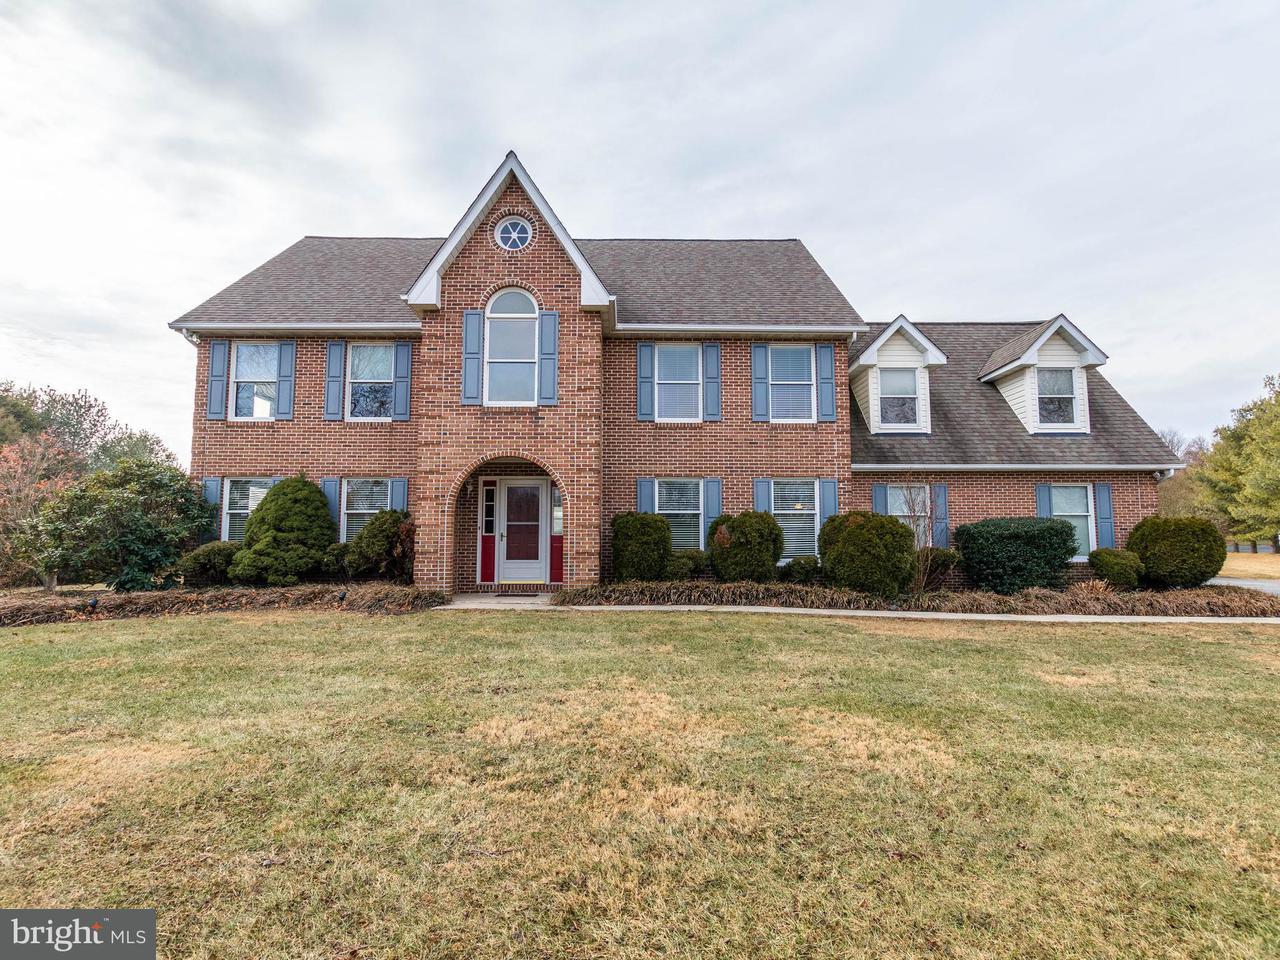 Fazenda / Quinta para Venda às 17314 Pink Dogwood Court 17314 Pink Dogwood Court Mount Airy, Maryland 21771 Estados Unidos